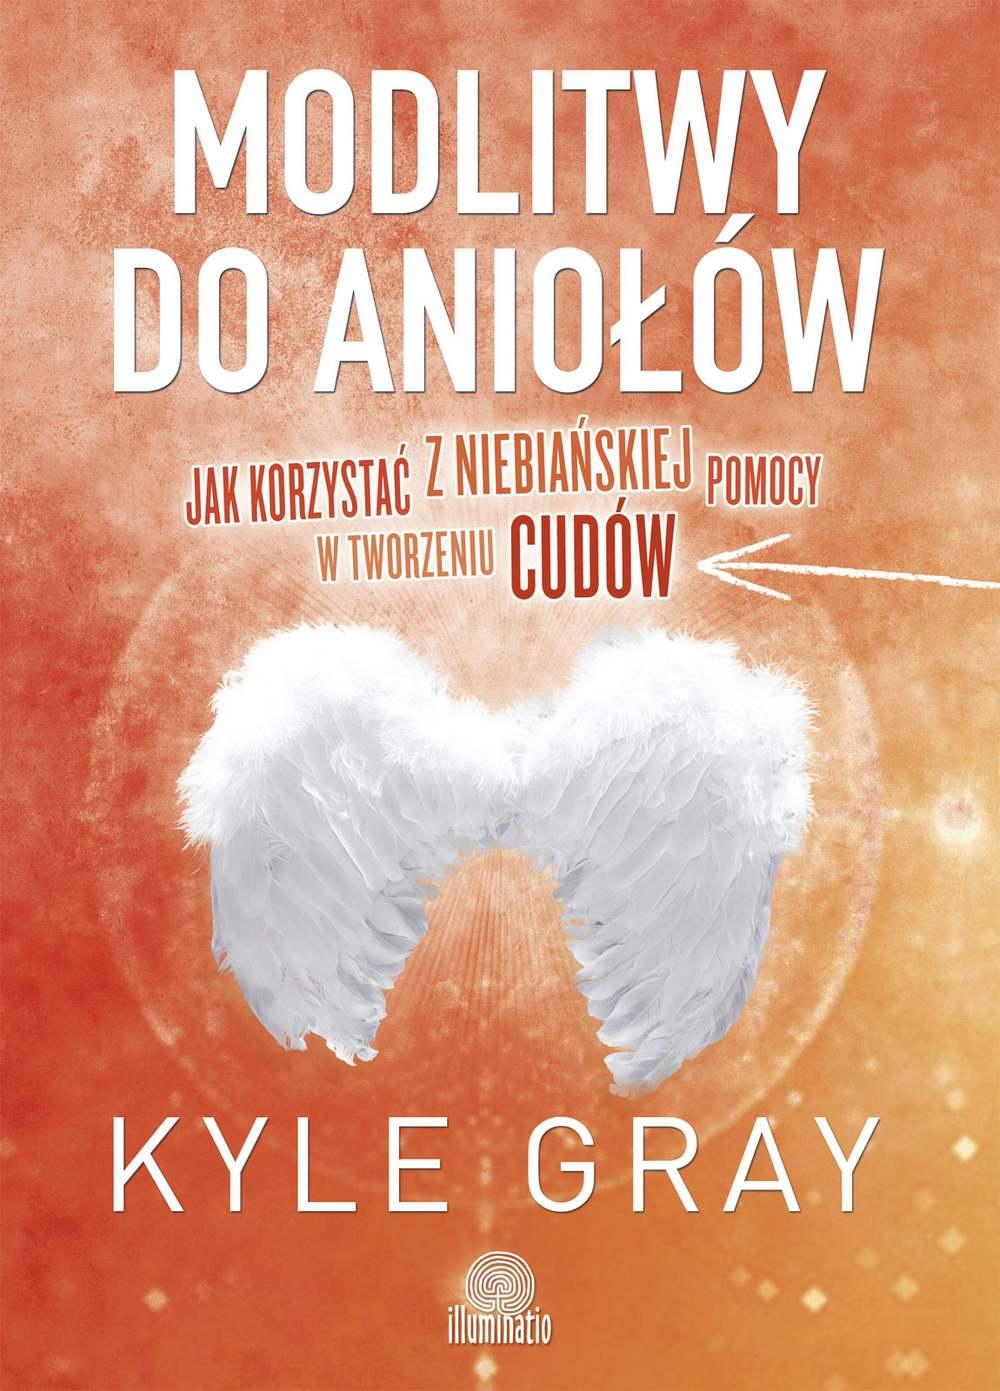 Modlitwy do aniołów. Jak korzystać  z niebiańskiej pomocy w tworzeniu cudów - Ebook (Książka EPUB) do pobrania w formacie EPUB